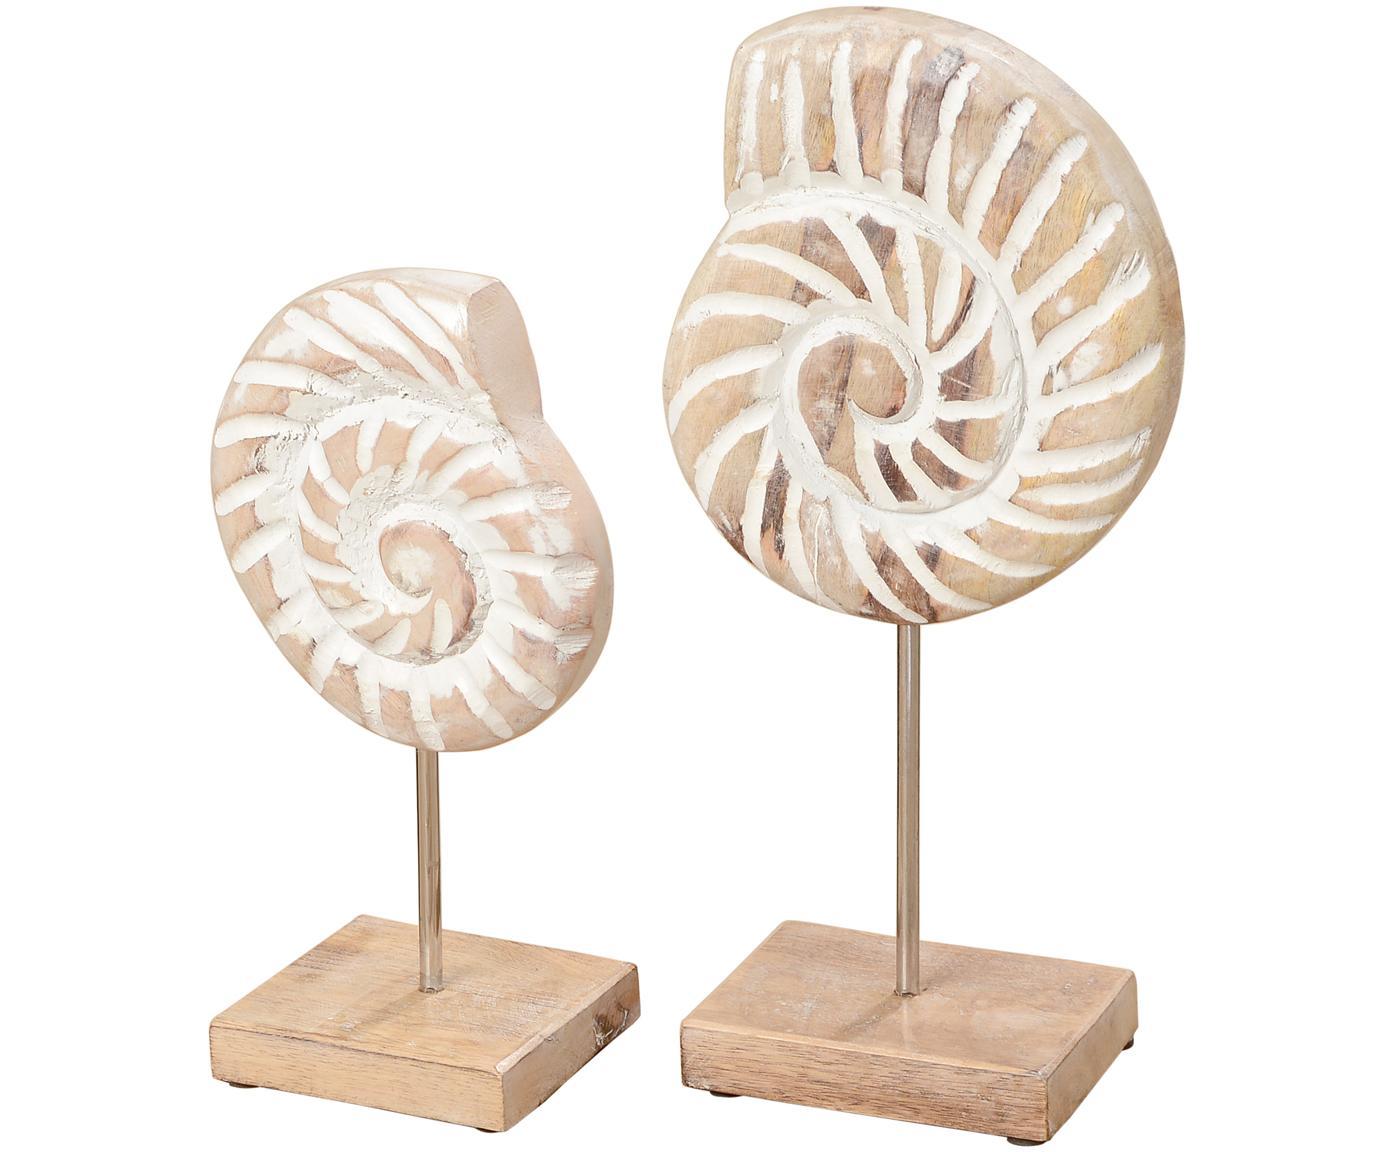 Decoratieve schelpenset Ana, 2-delig, Mangohout, metaal, Mangohoutkleurig, wit, Verschillende formaten